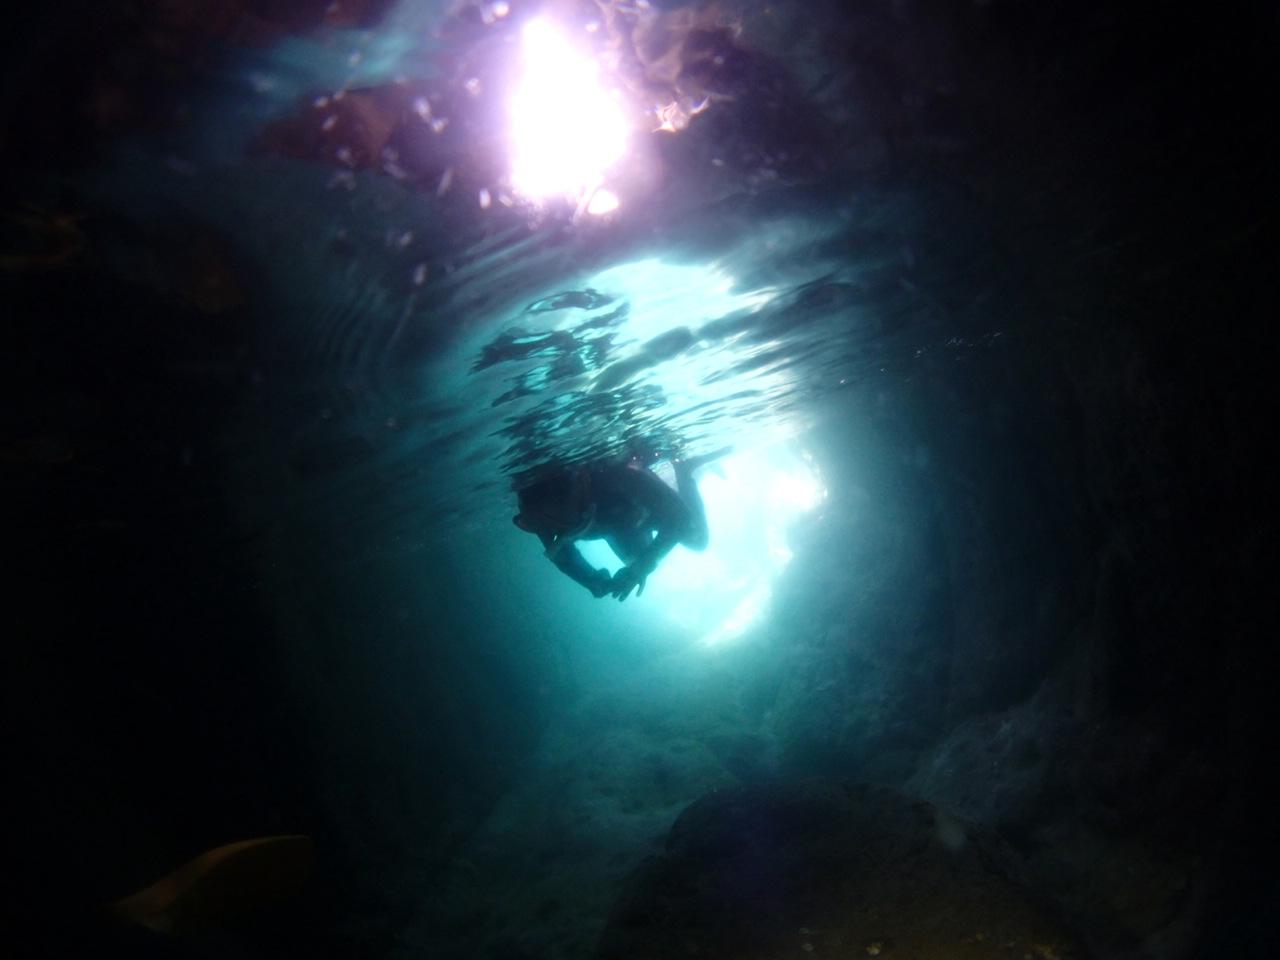 青の洞窟うしぶか ボートからのシュノーケリング ドキドキ探検コース午前コース